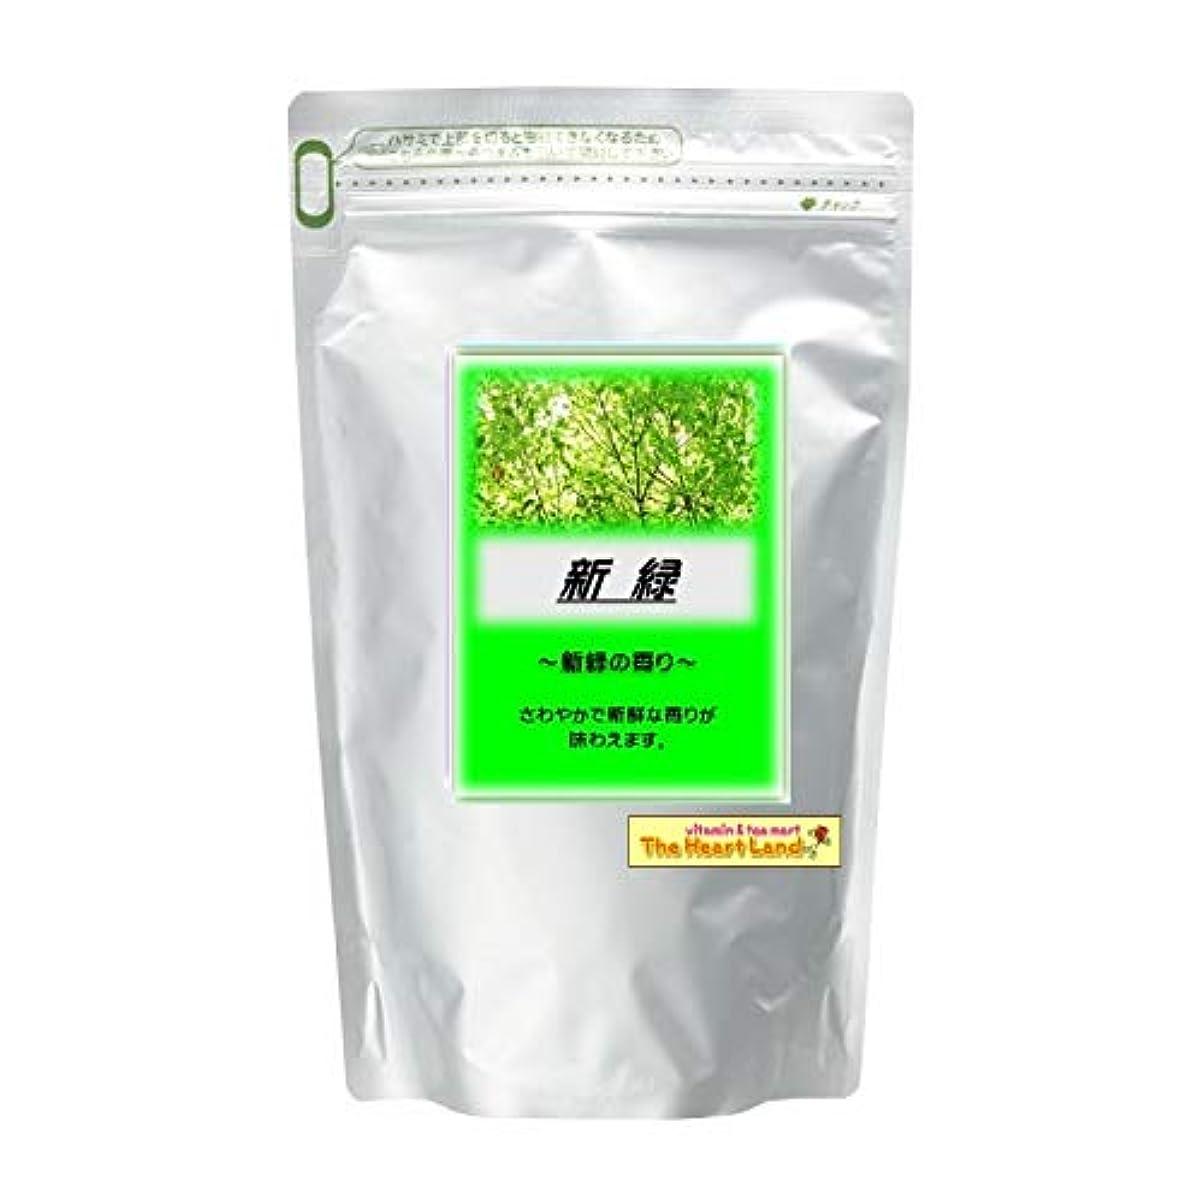 温室わざわざ凍結アサヒ入浴剤 浴用入浴化粧品 新緑 300g